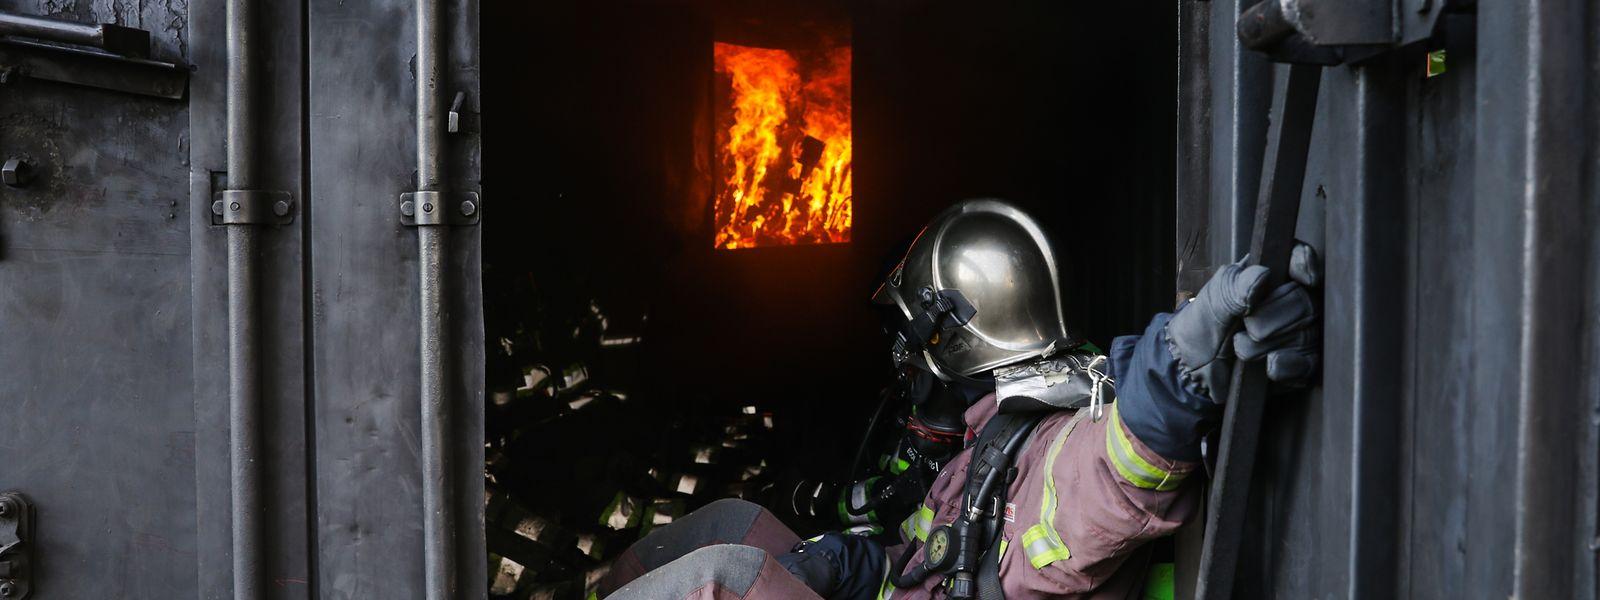 Derzeit werden 46 Feuerwehrmänner ausgebildet.